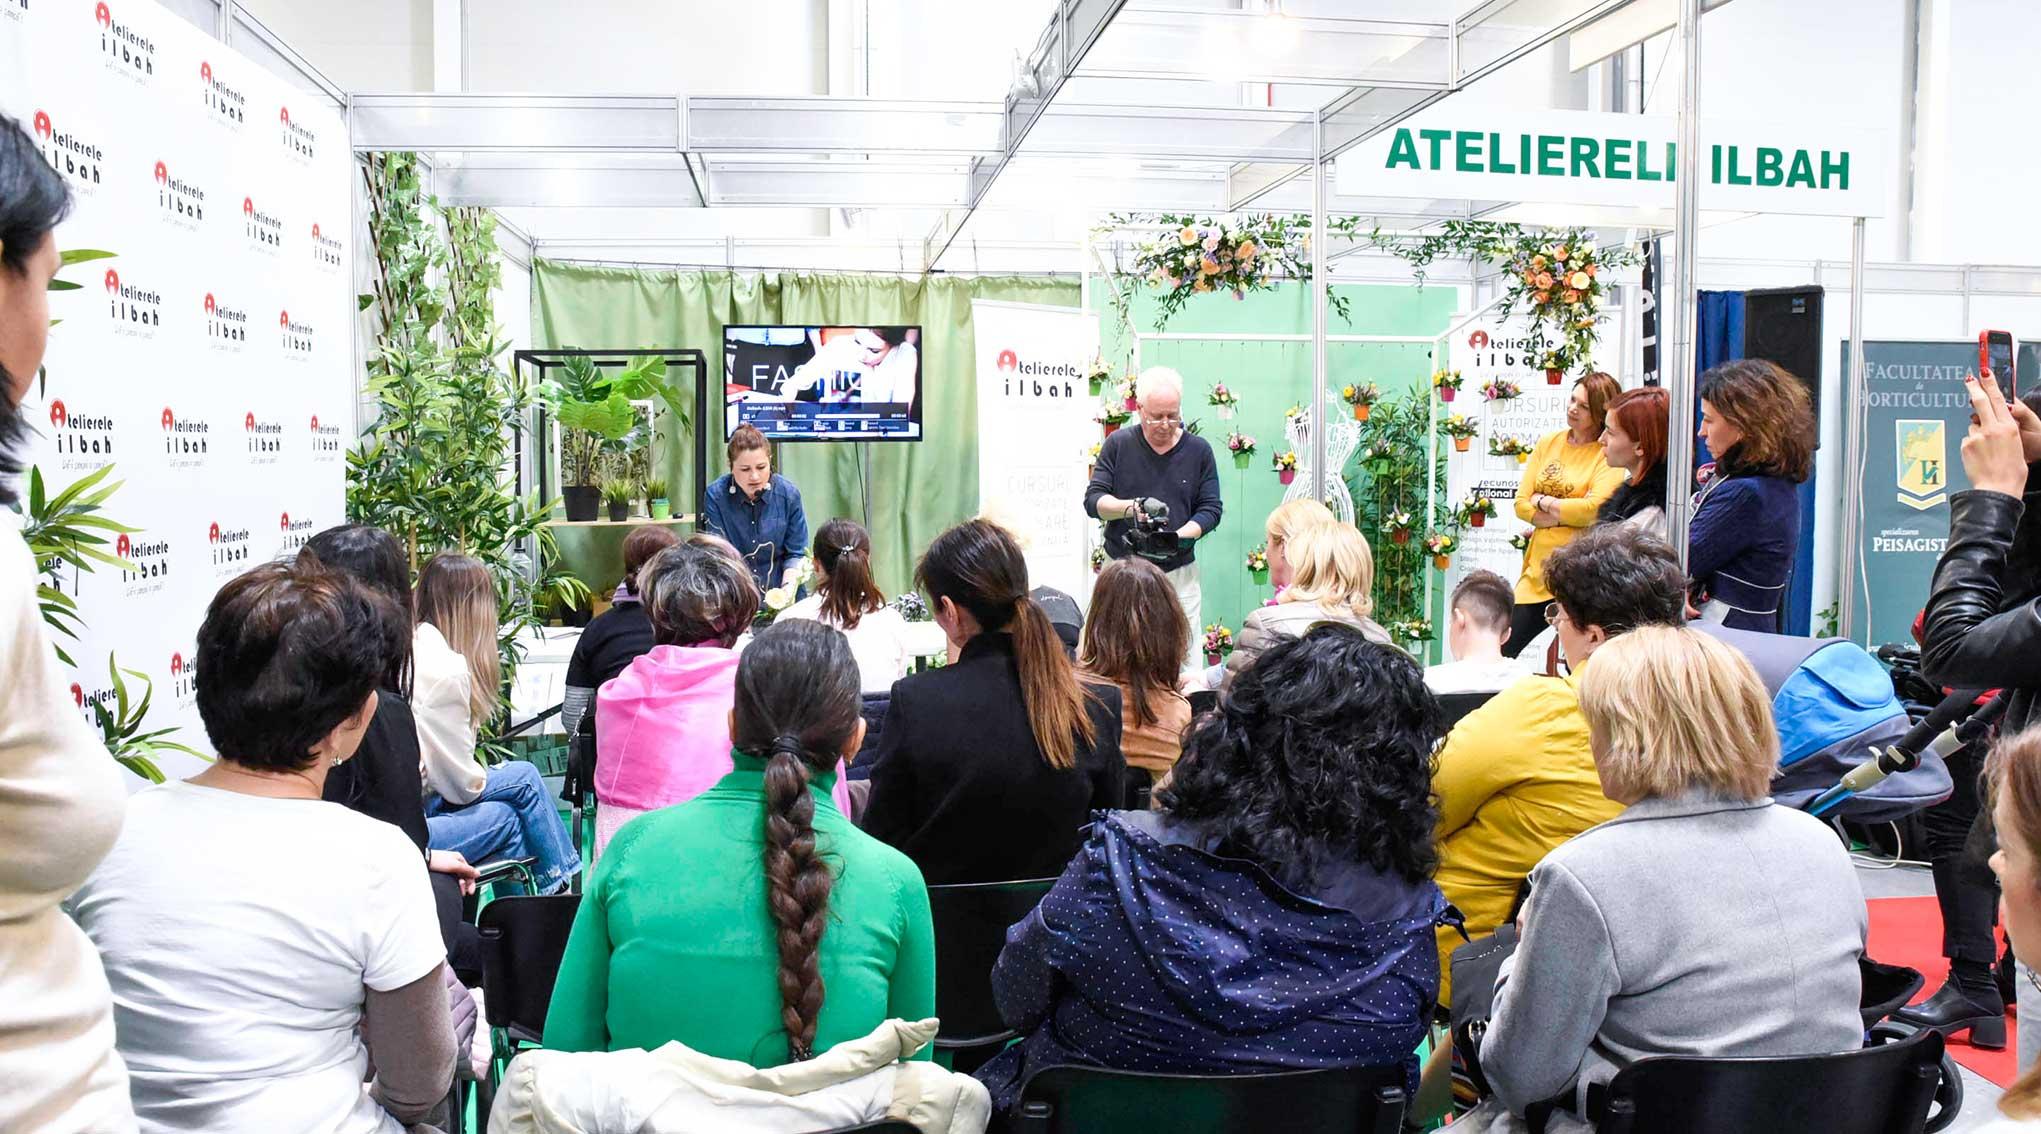 workshop-uri-demonstratii-si-conferinte-marca-atelierele-ilbah-pe-parcursul-a-4-zile-in-cadrul-romexpo-46